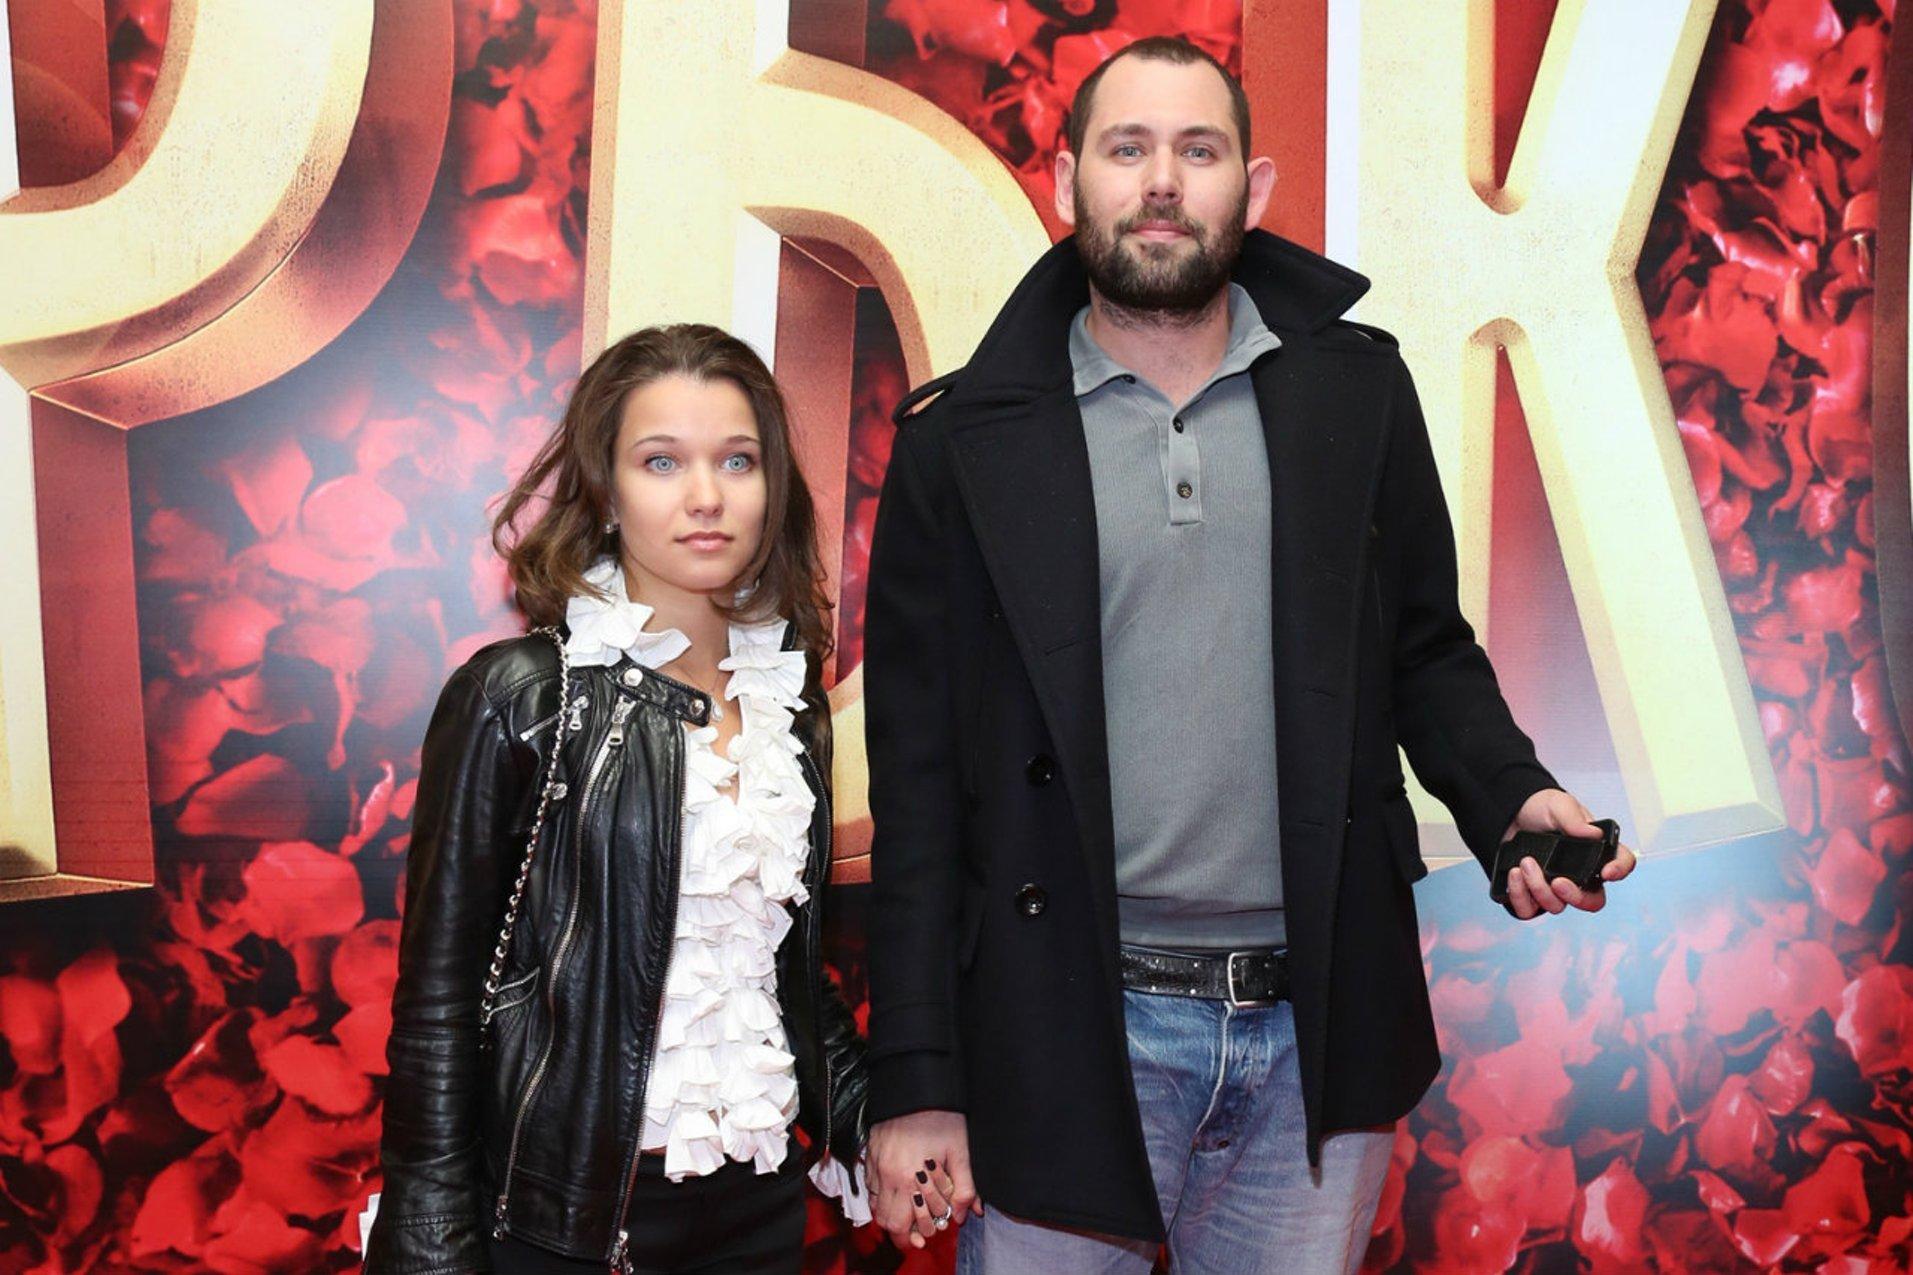 Минус 13 кг и грустные мысли: Семен Слепаков впал в депрессию после развода